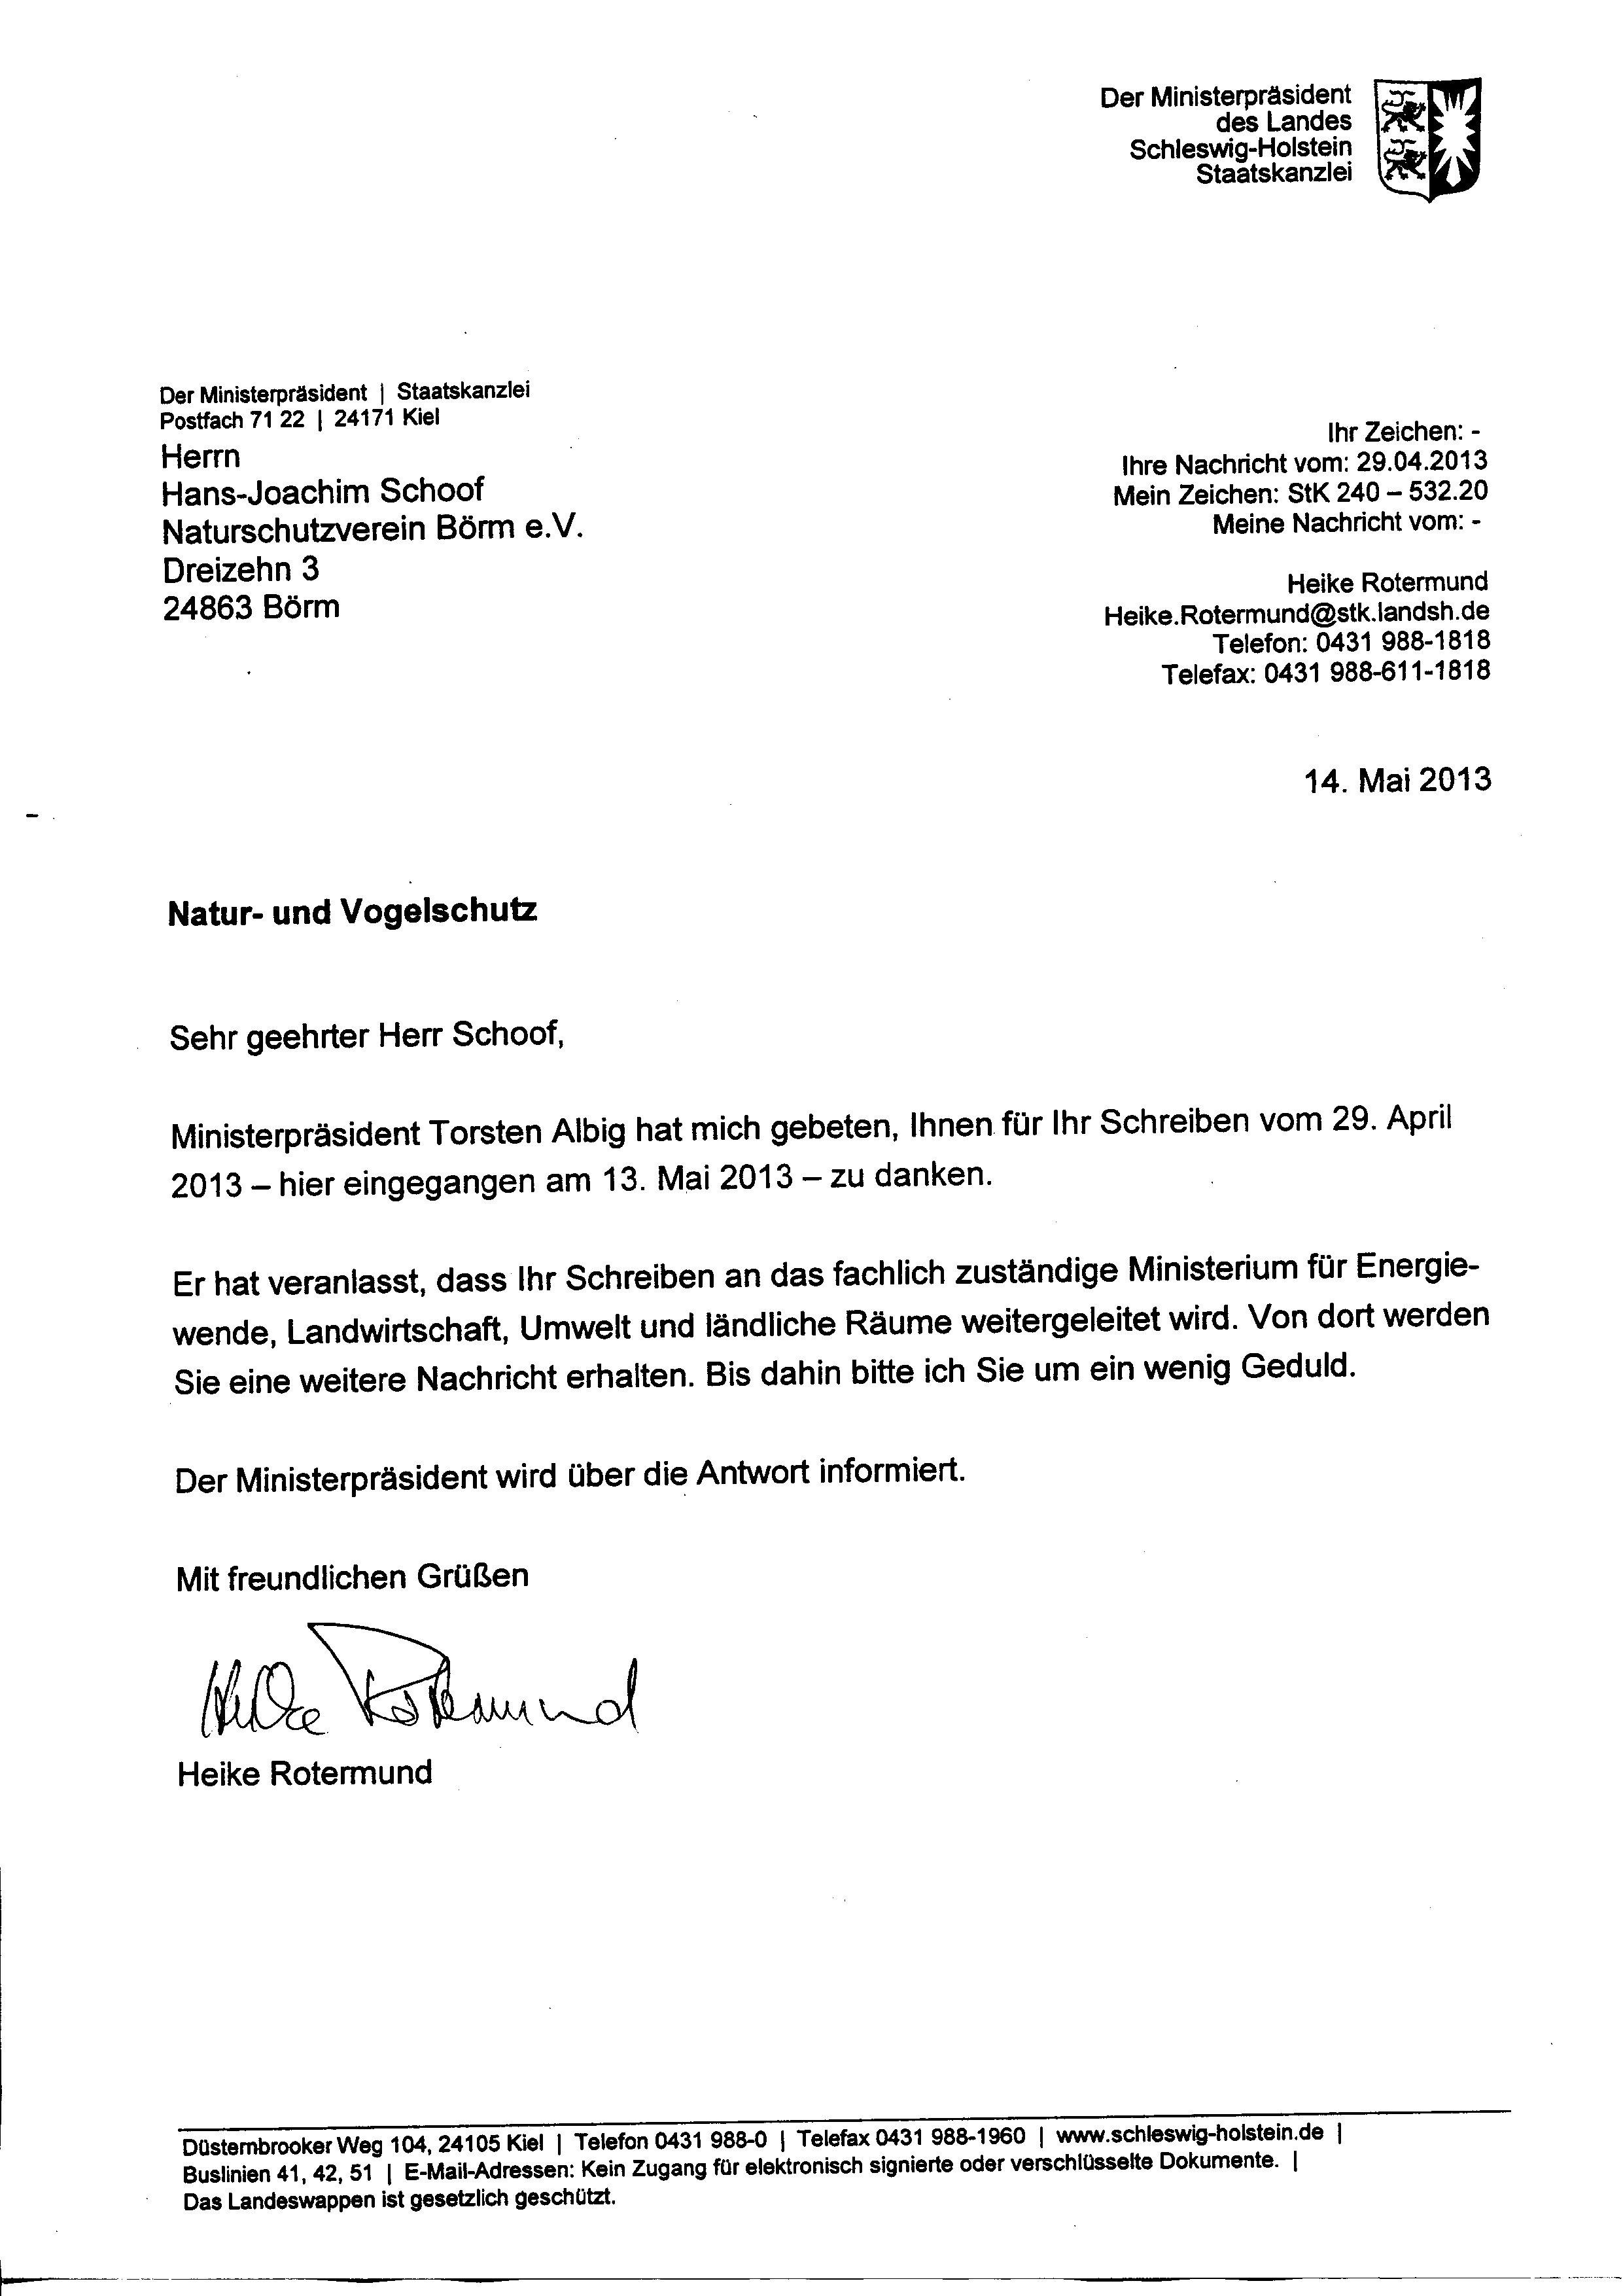 Naturschutzverein Börm e.V. - Aktionen